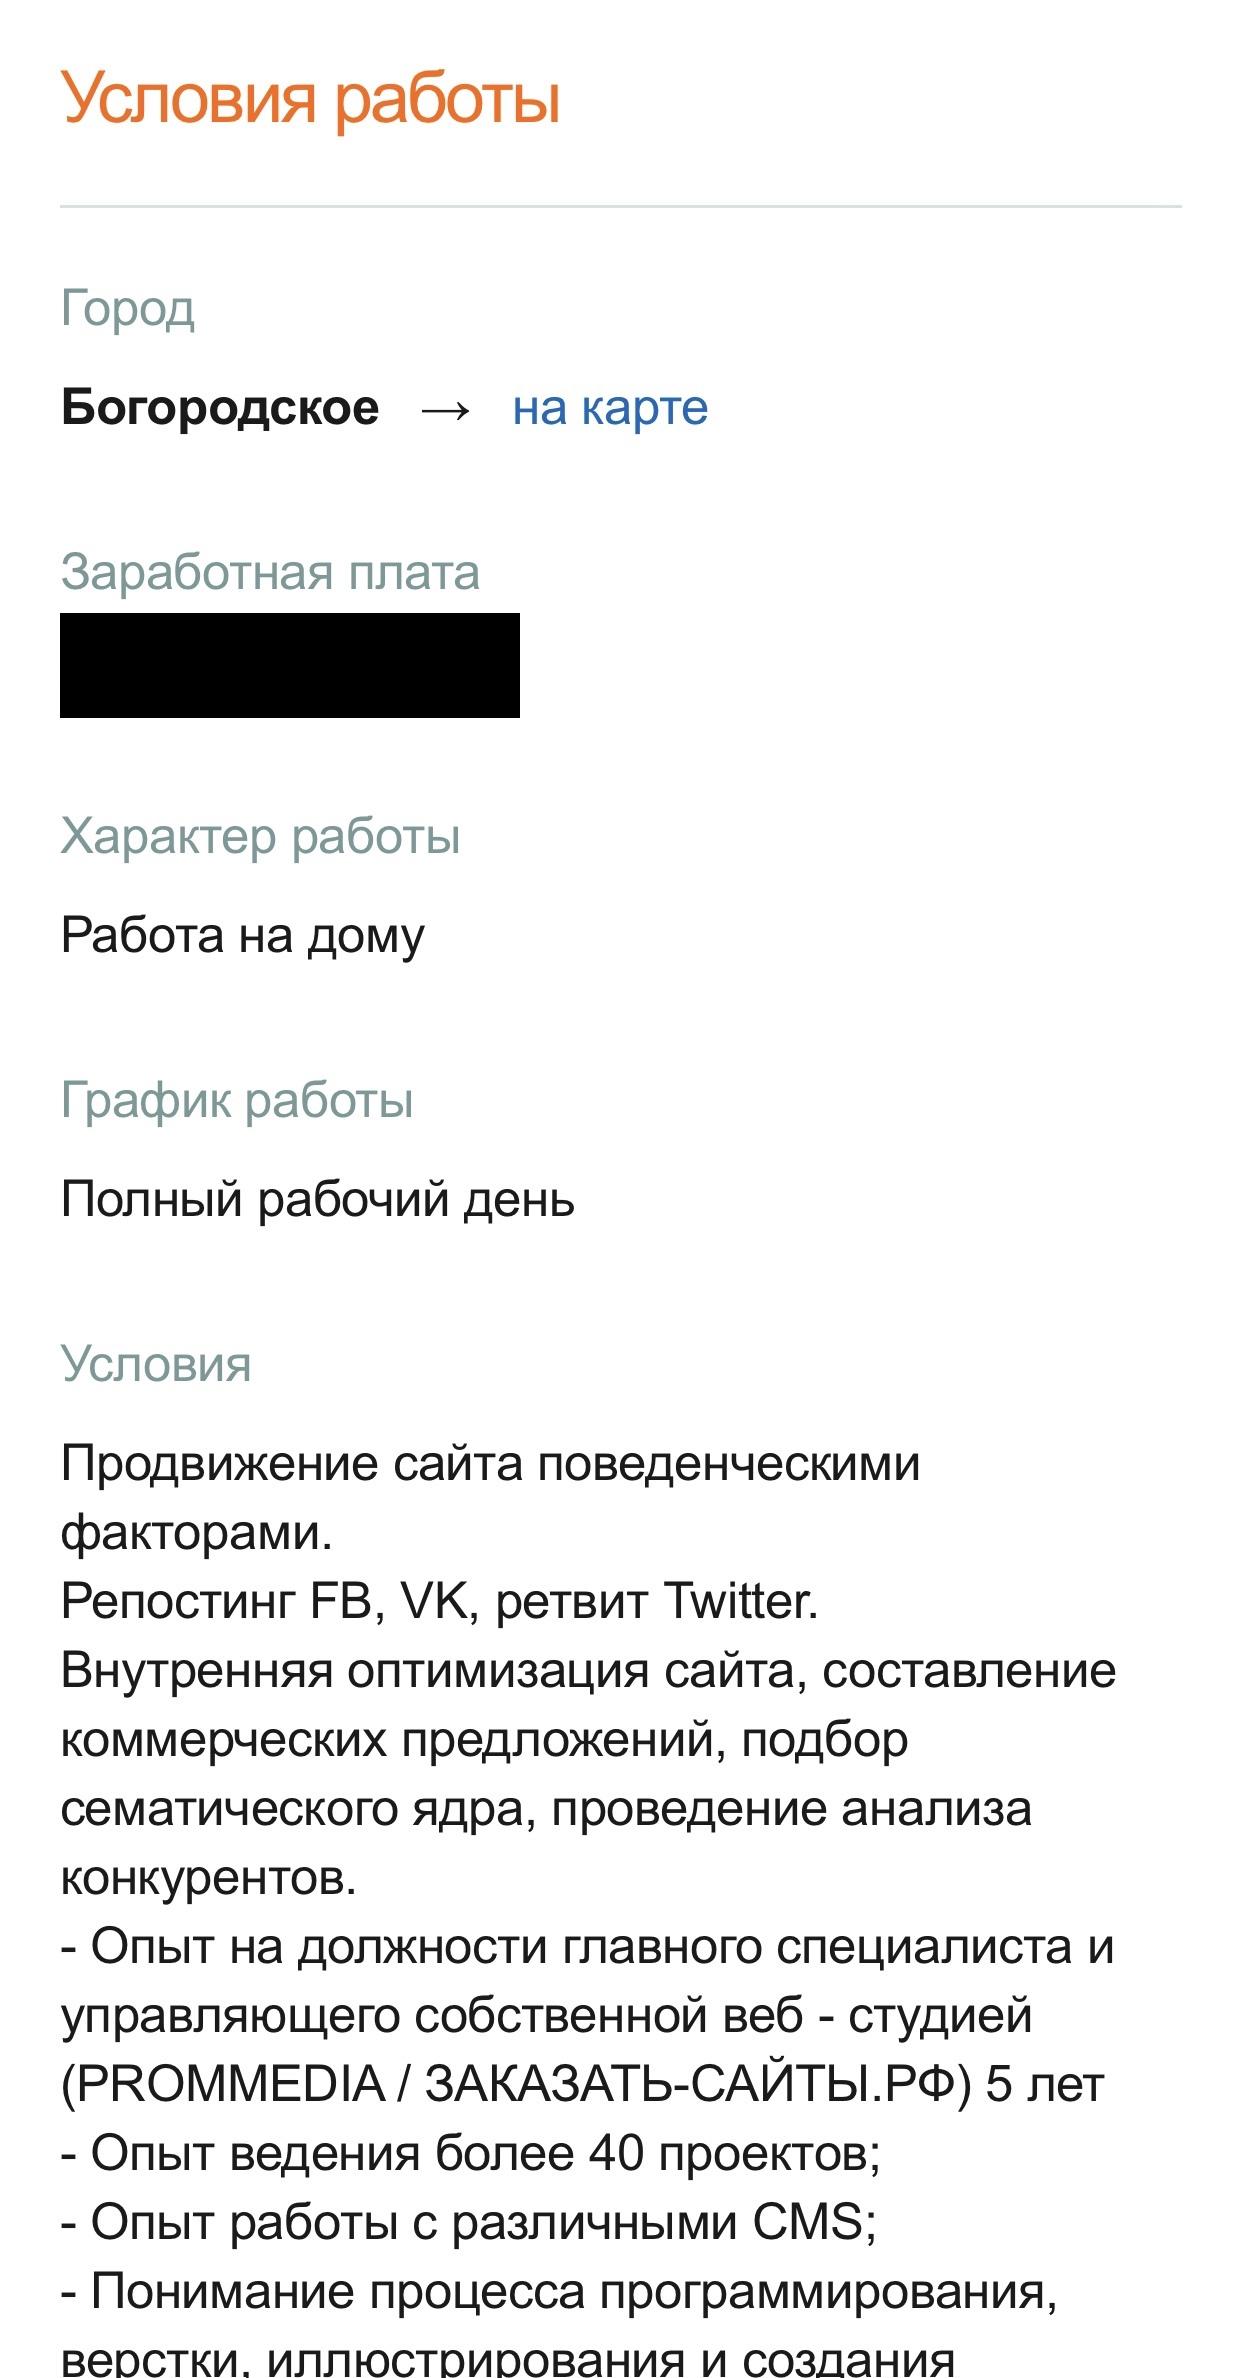 Работа в вебчате юрьев польский кто работал веб модели форум